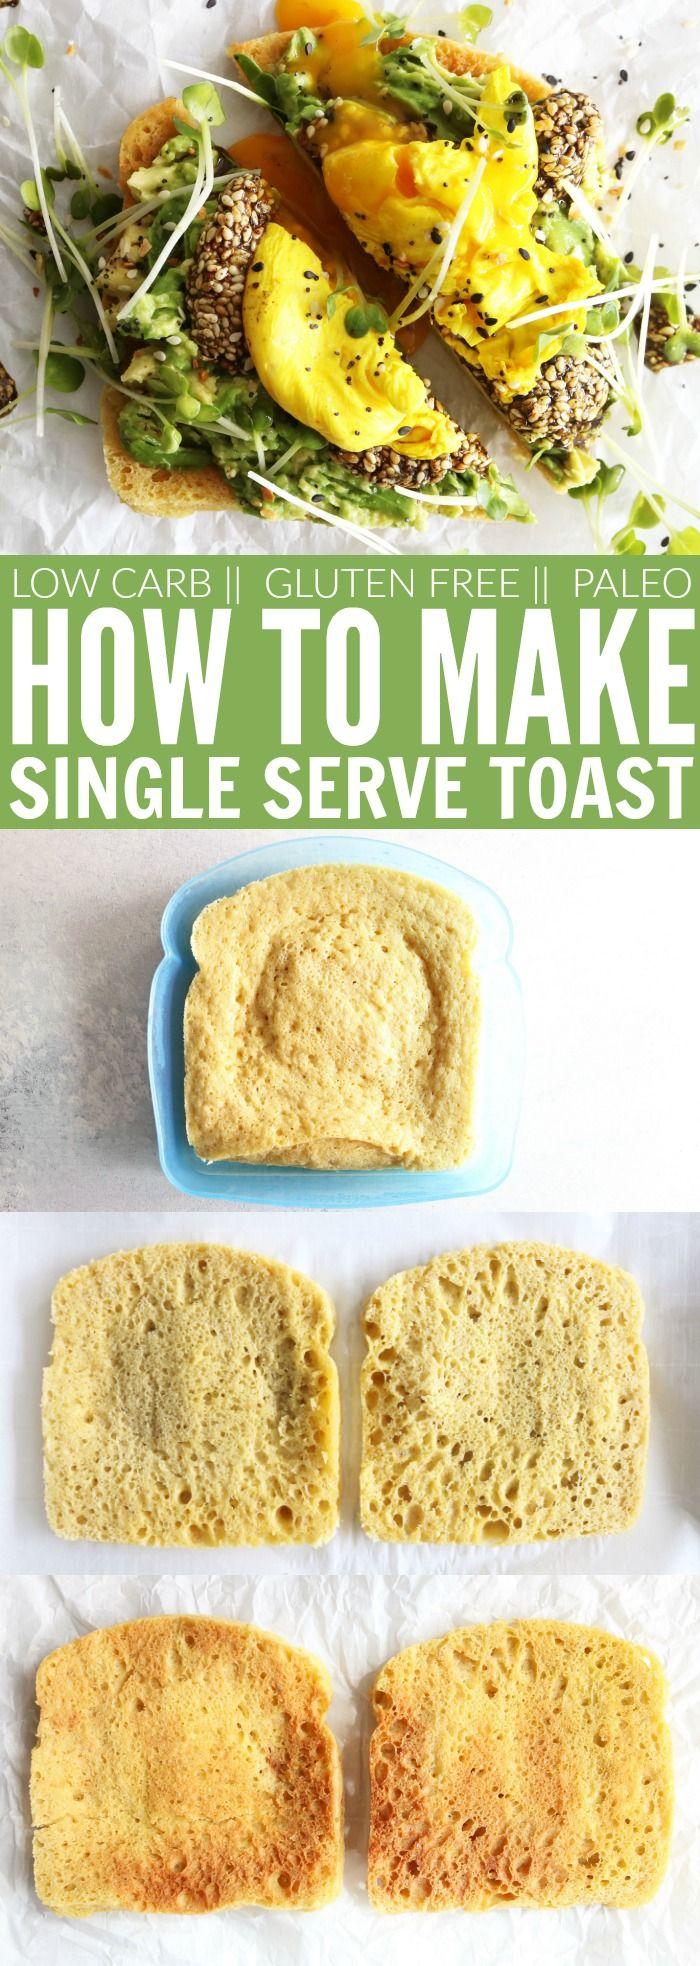 Single Serve Toast